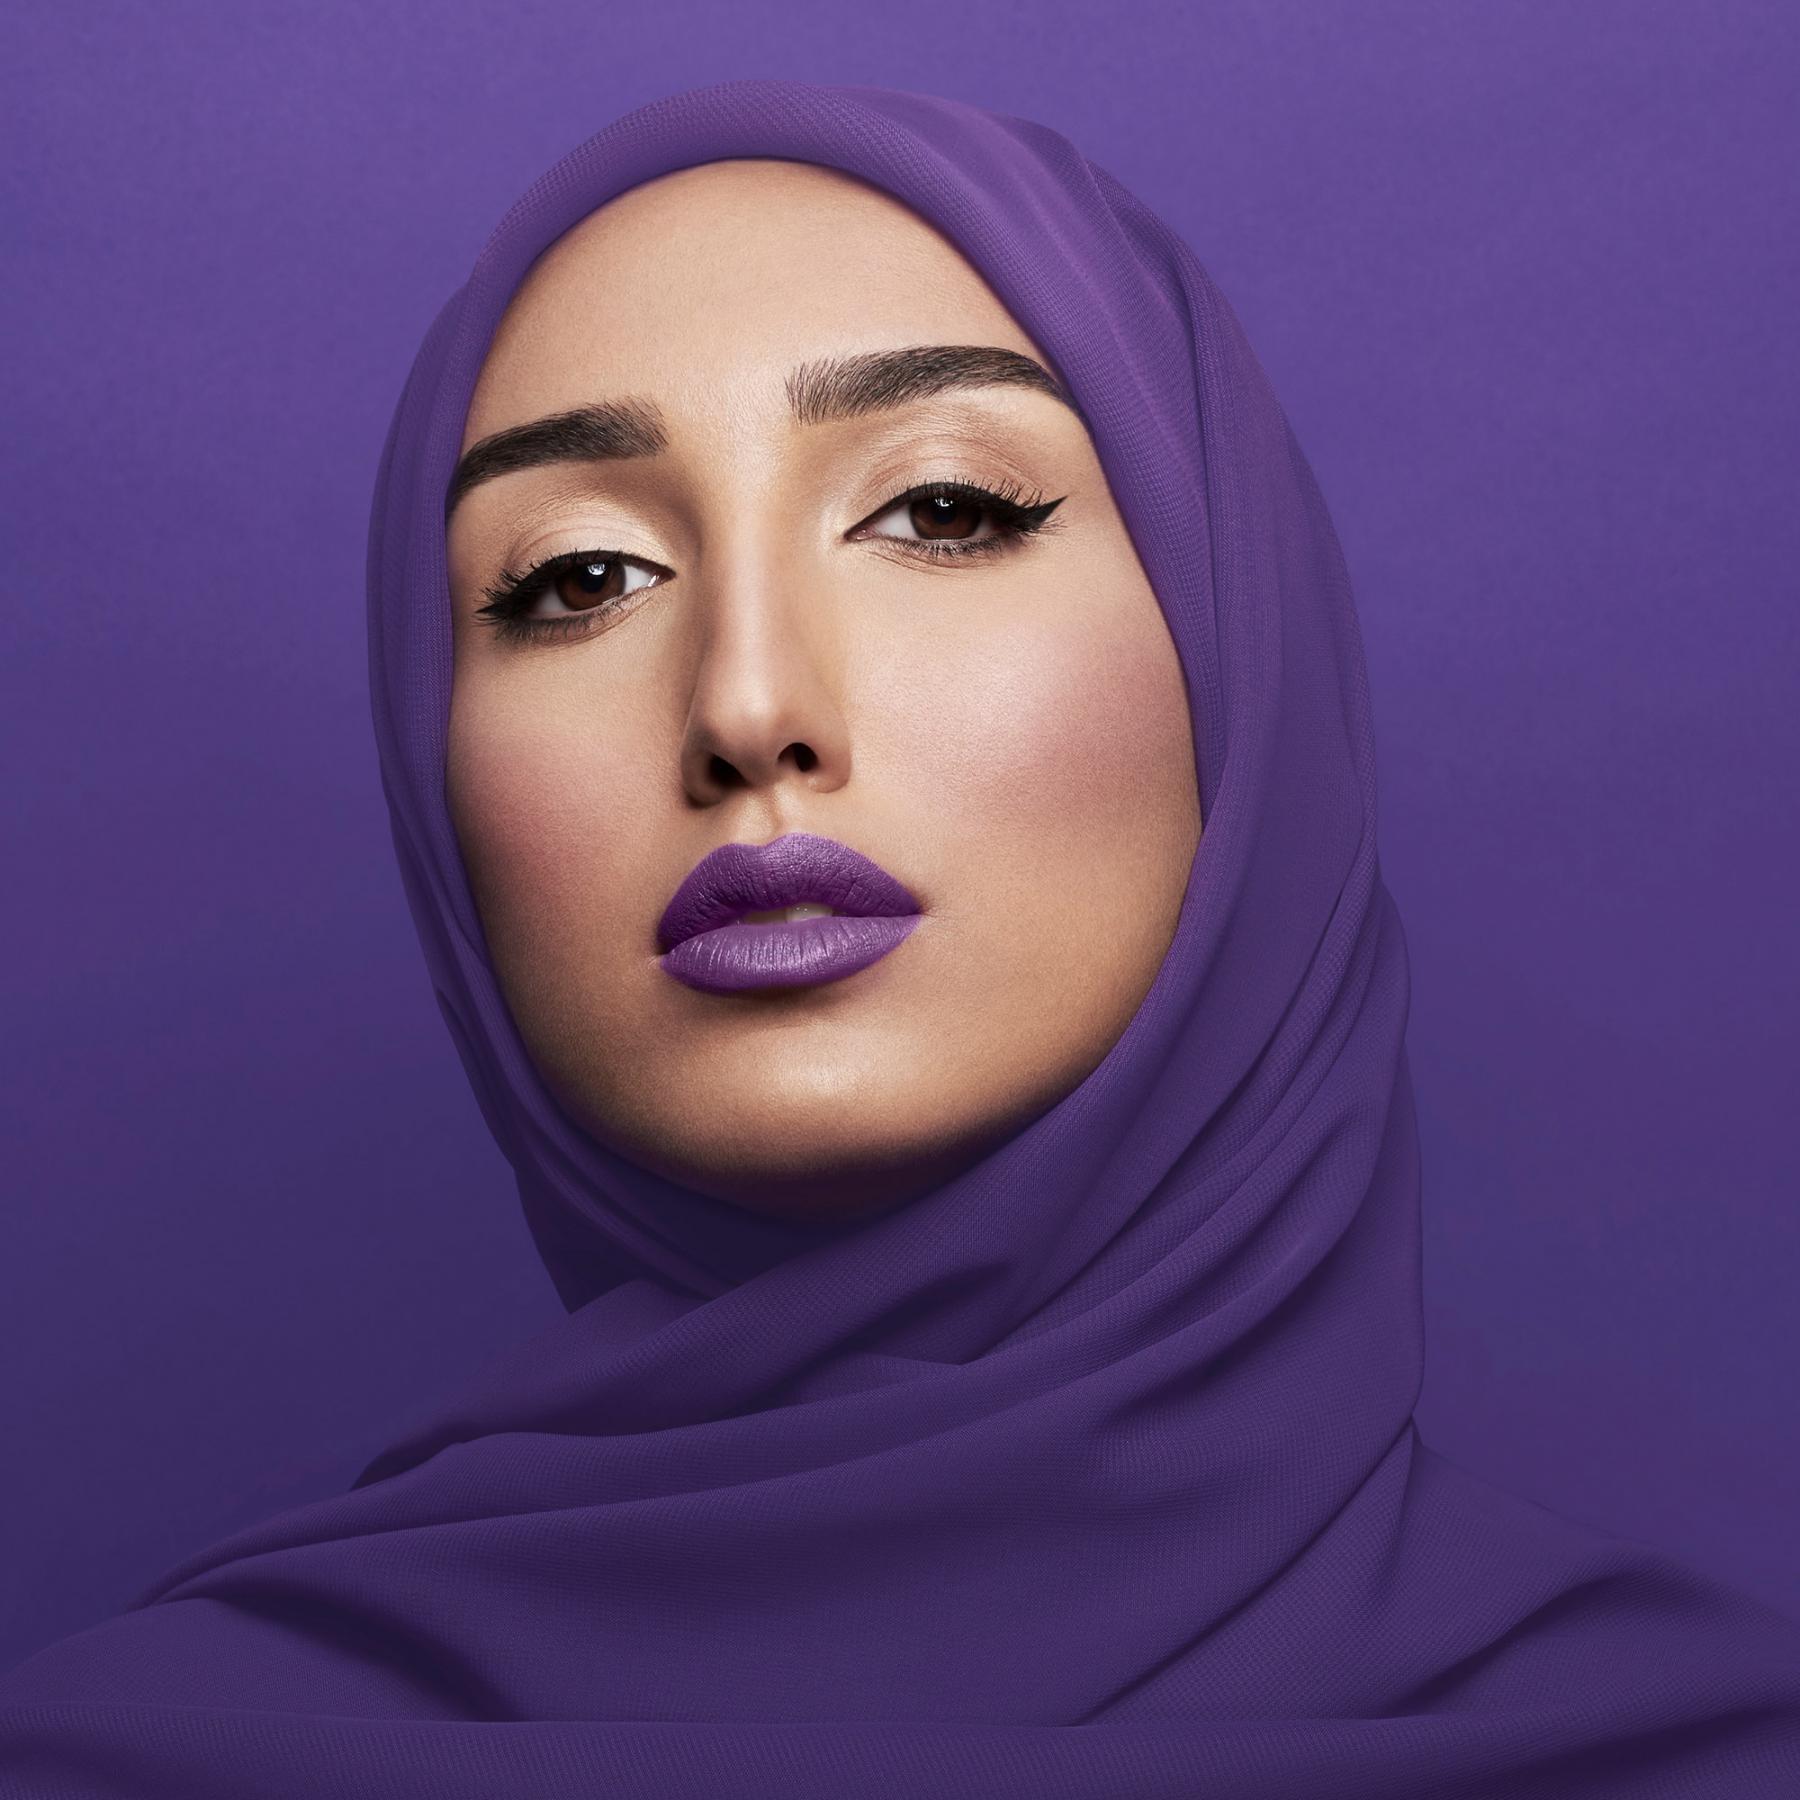 Veiled, Makeup, Artist, Beauty